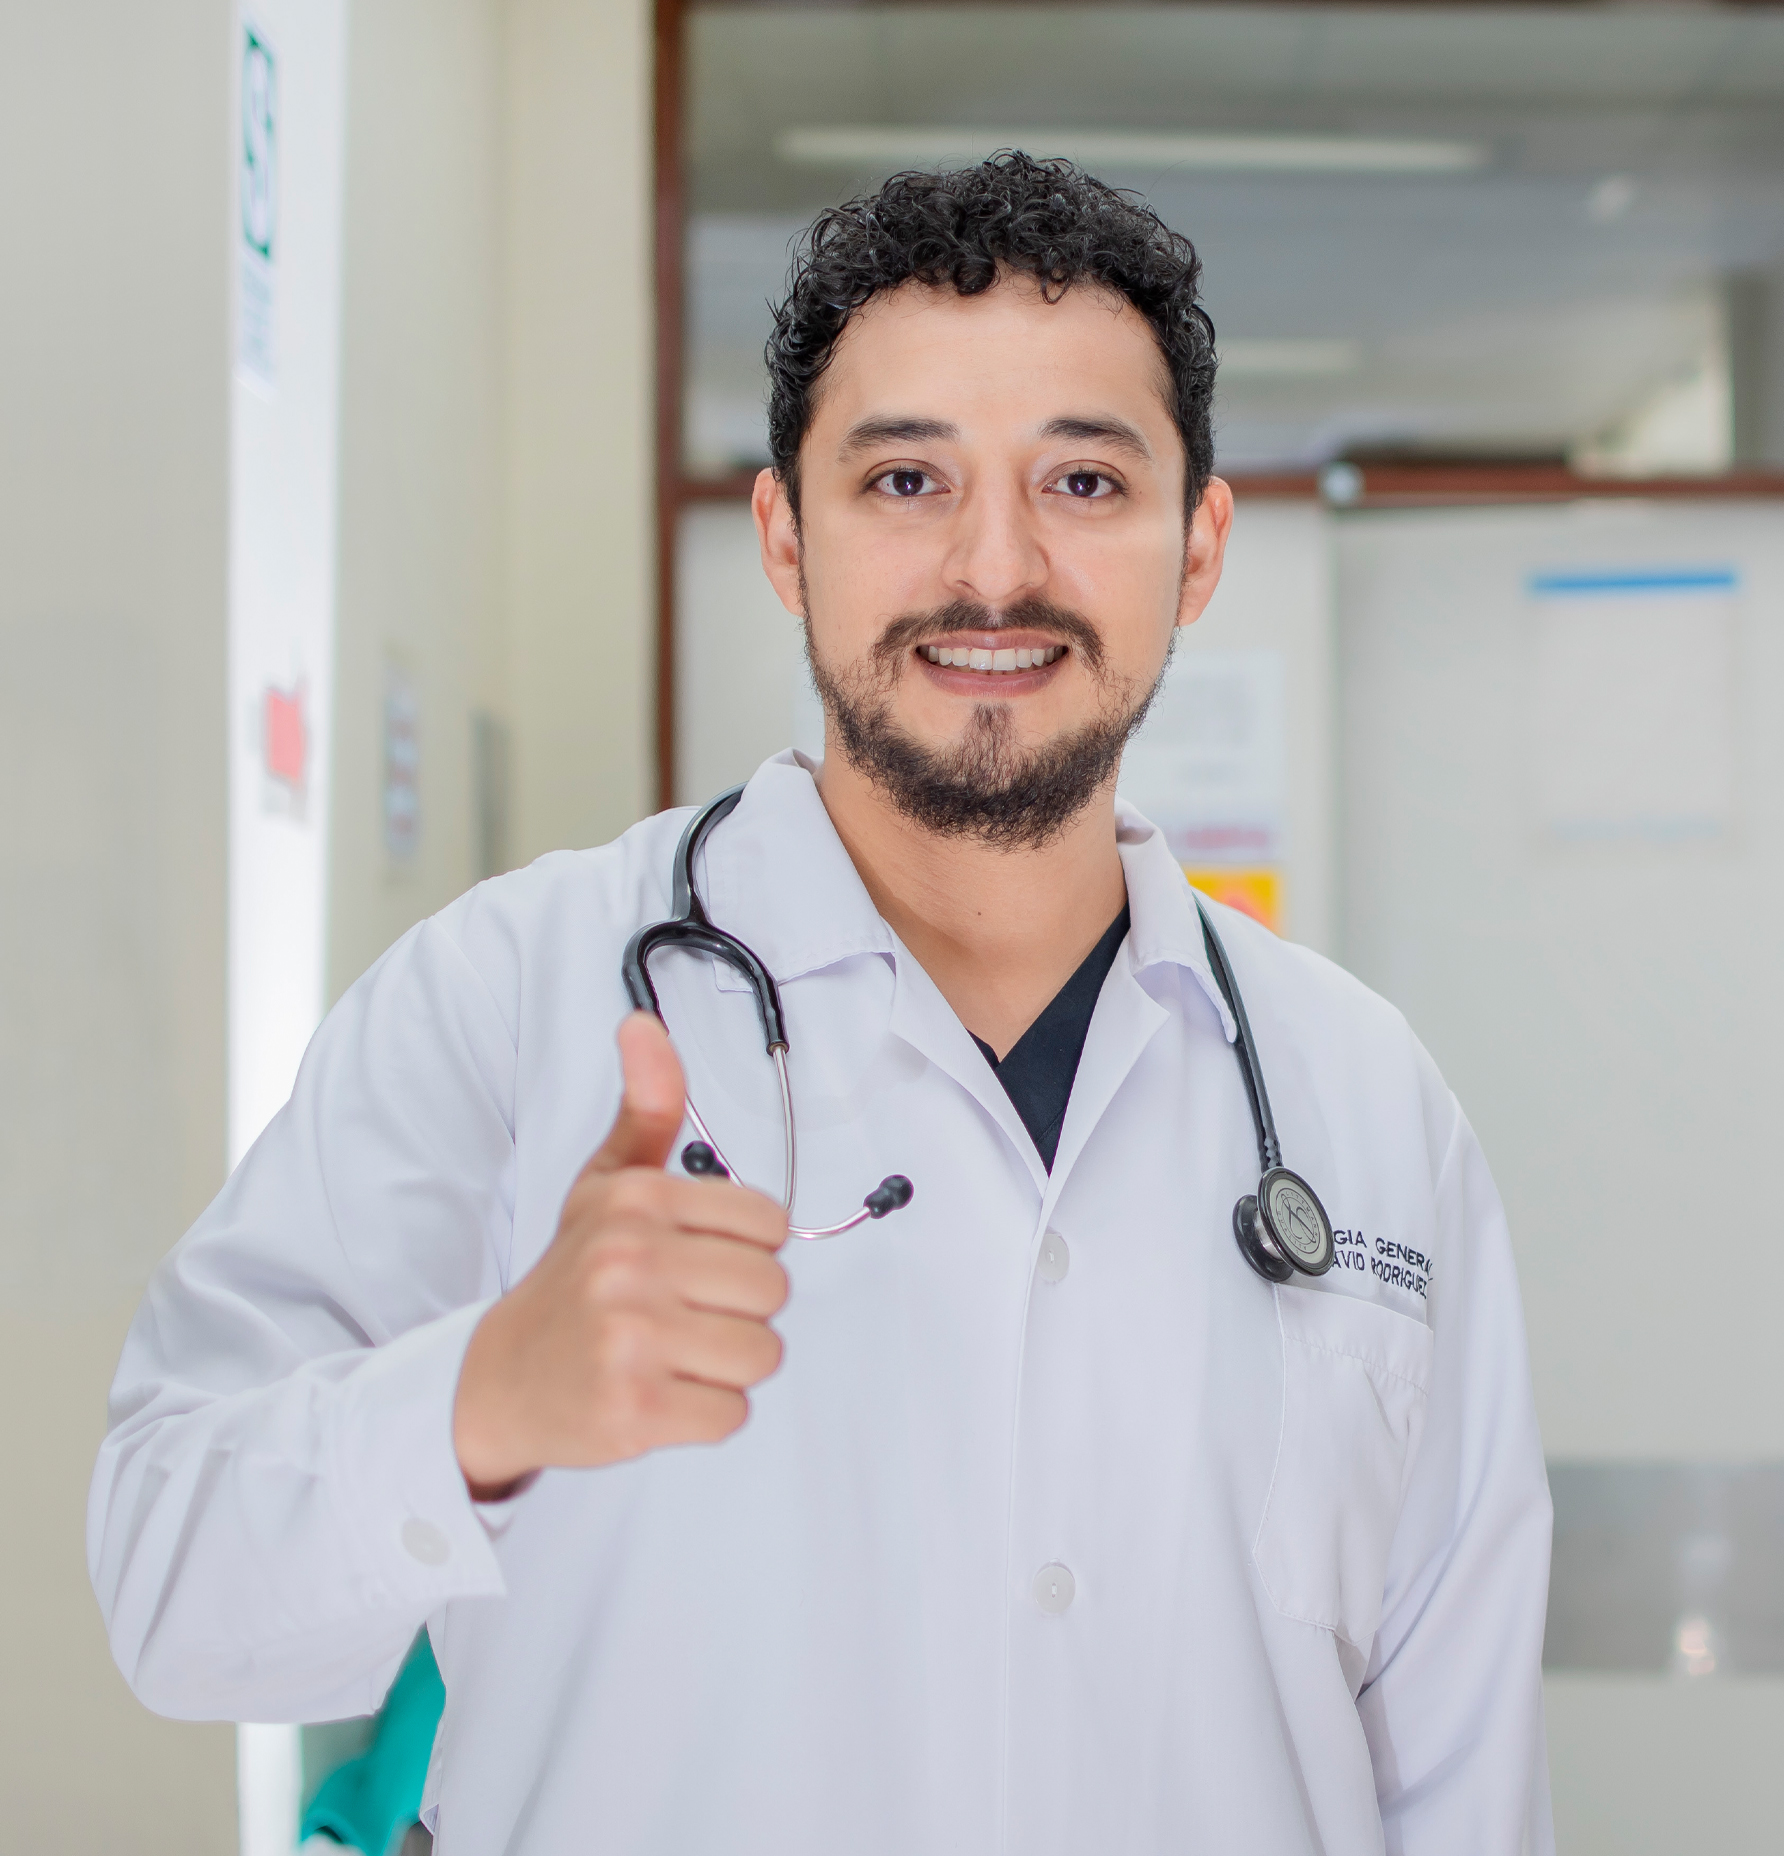 Dr. David Rodríguez Pasco